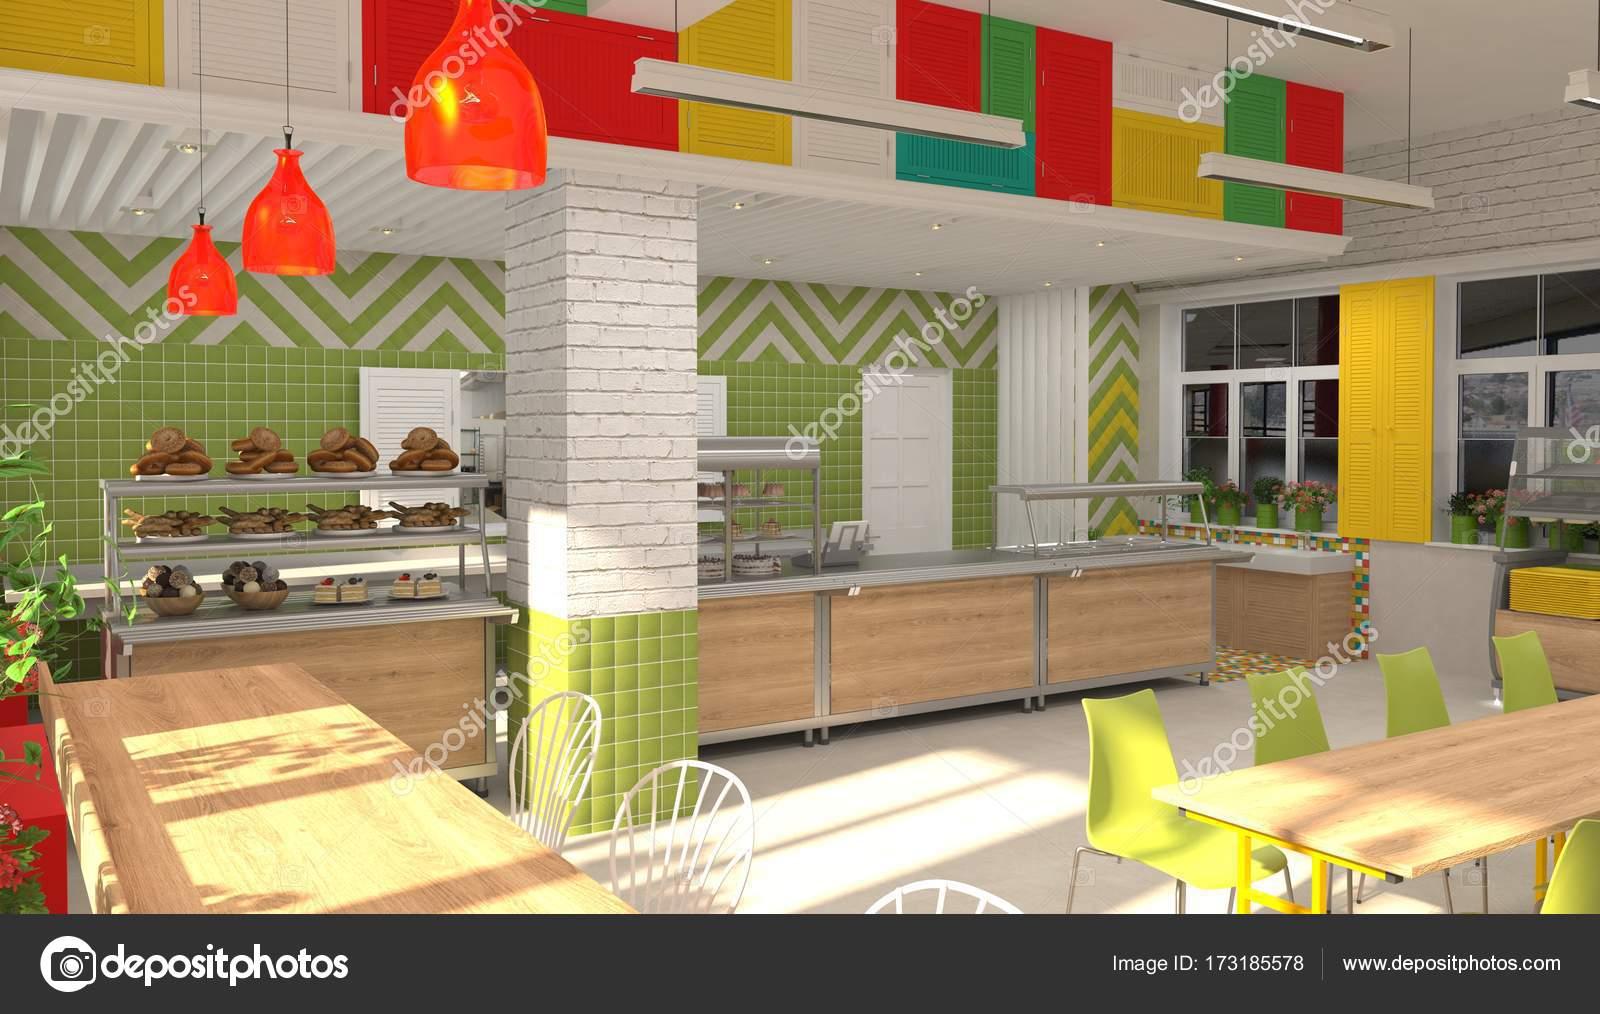 interieur van de school childrens kantine 3d visualisatie van eetzaal voor schoolkinderen stockfoto